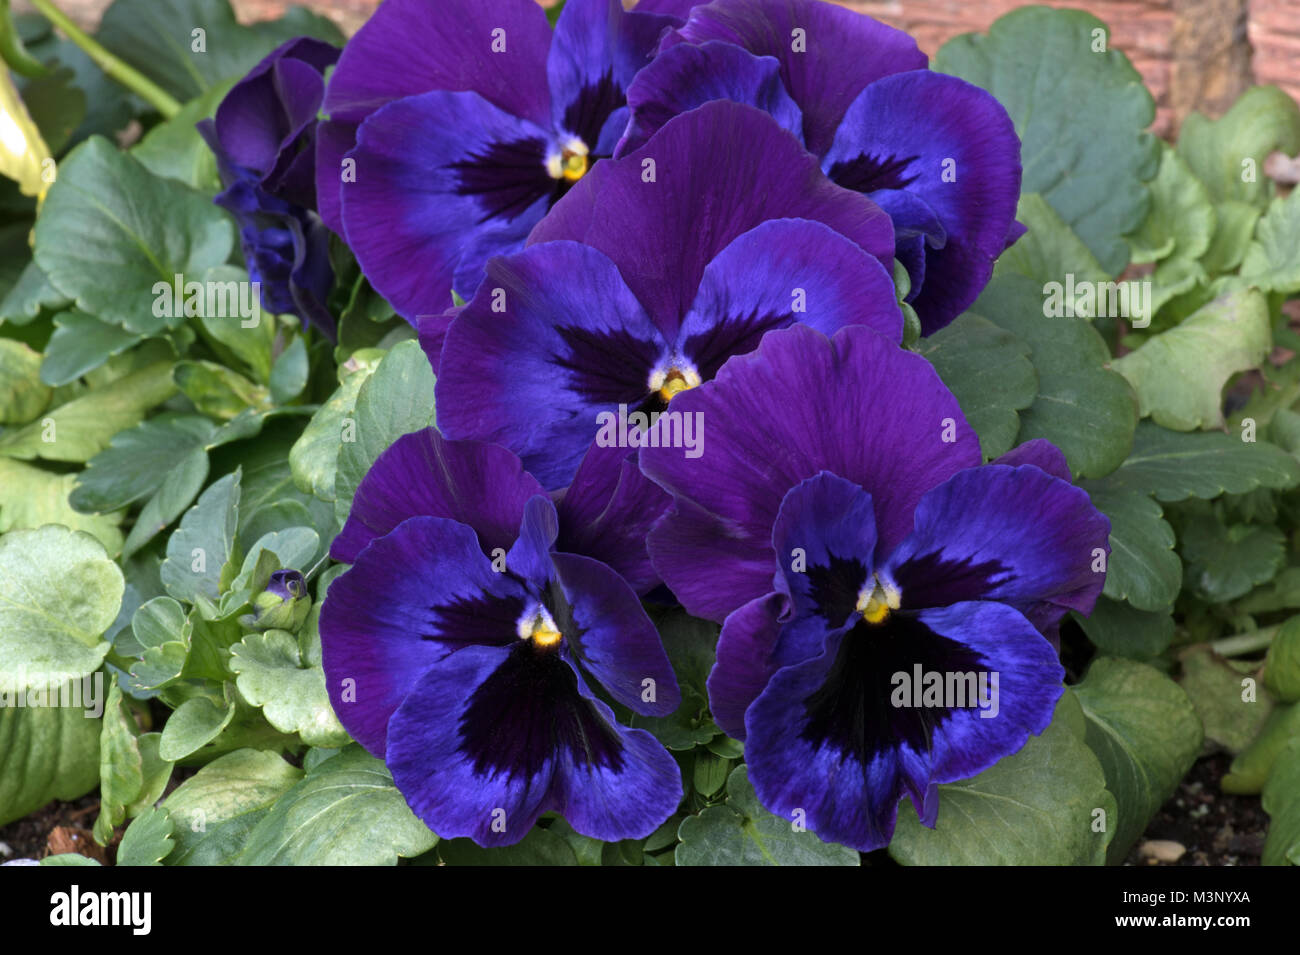 viola blue bedding plant stockfotos viola blue bedding plant bilder alamy. Black Bedroom Furniture Sets. Home Design Ideas